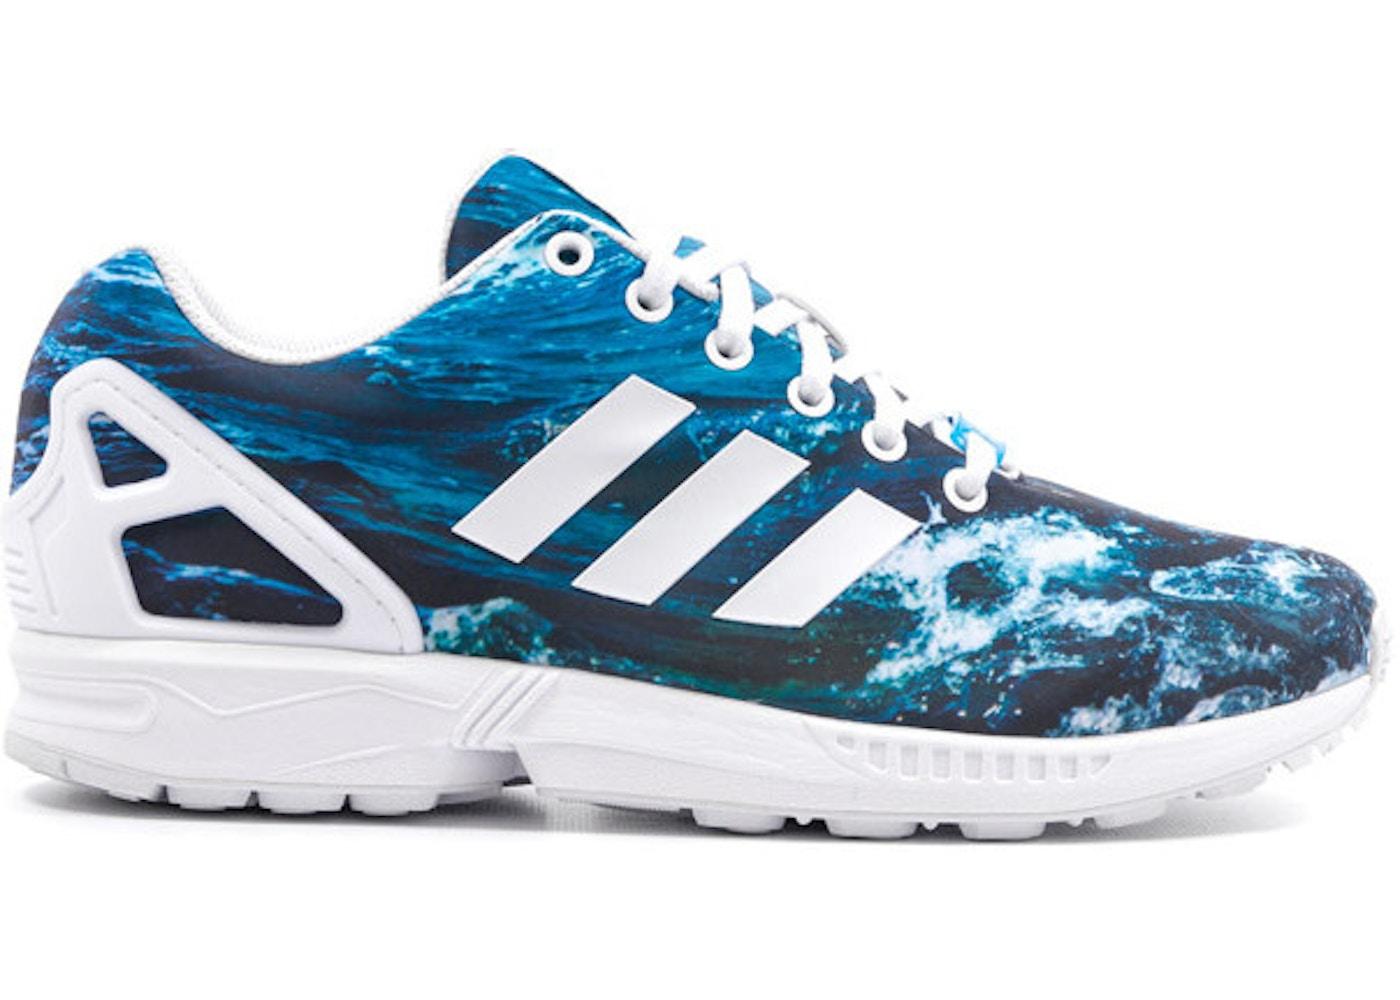 993274d8b8a1 adidas ZX Flux Ocean - M19846